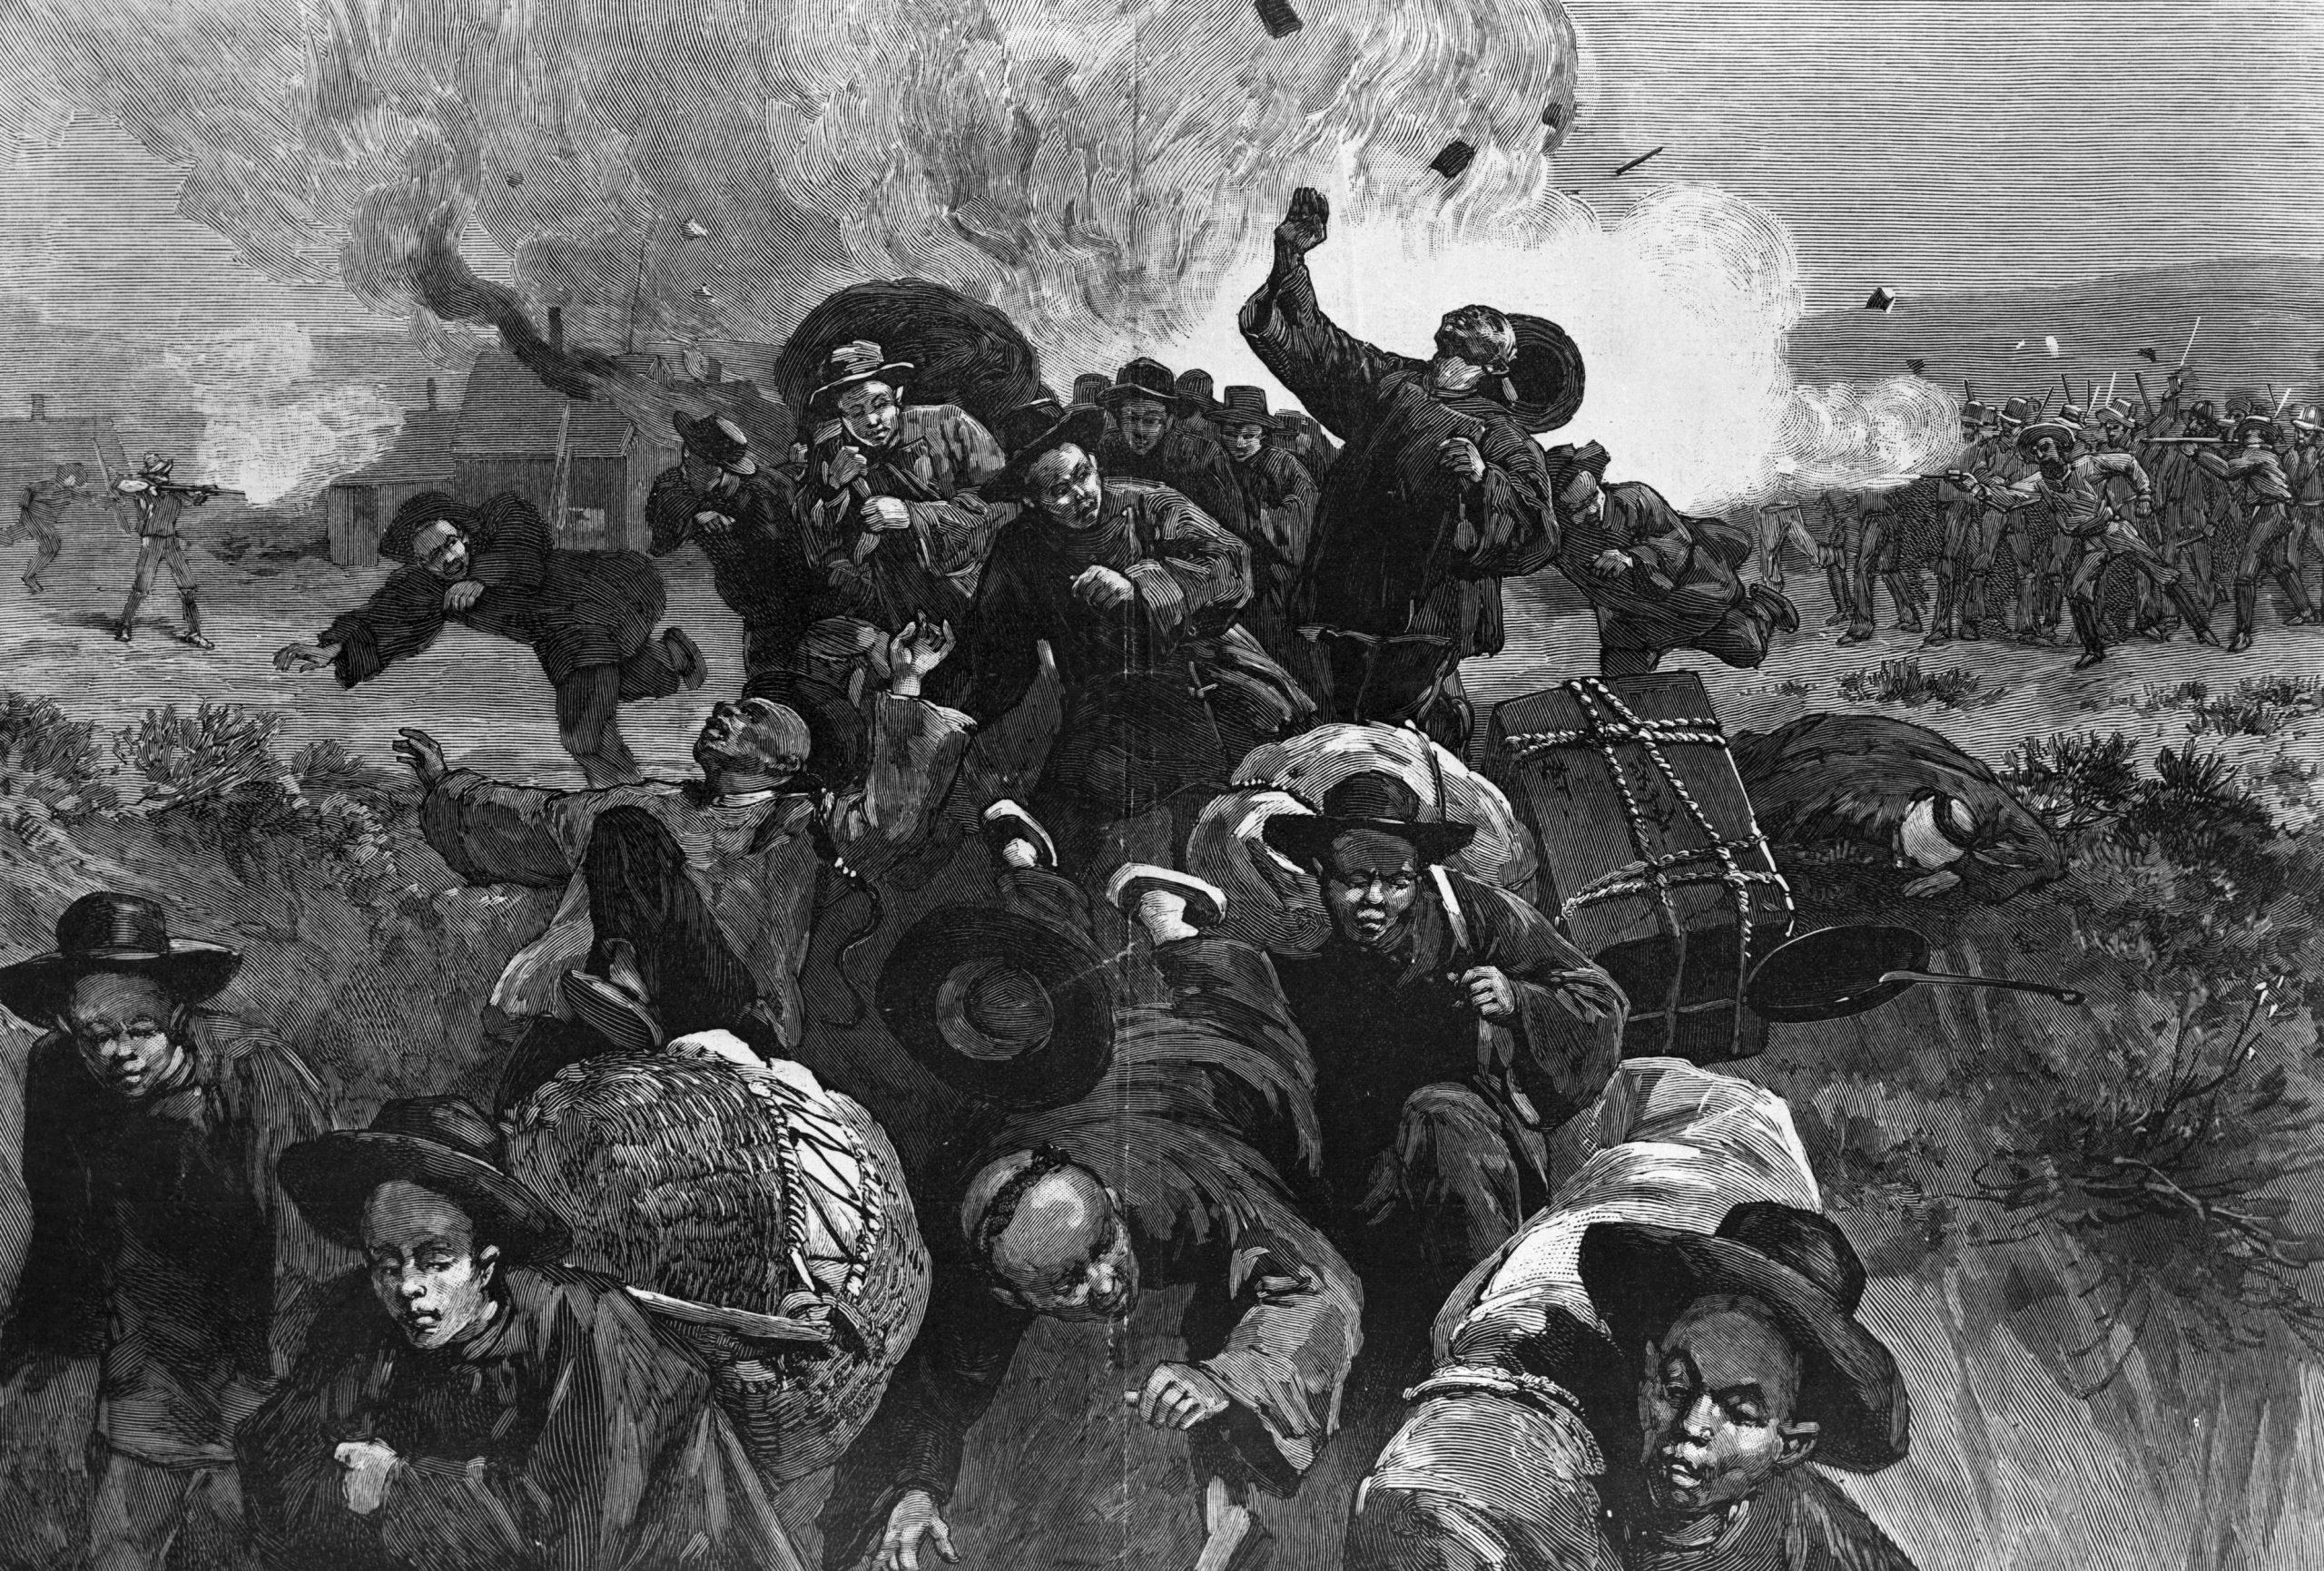 September 2: The Rock Springs Massacre